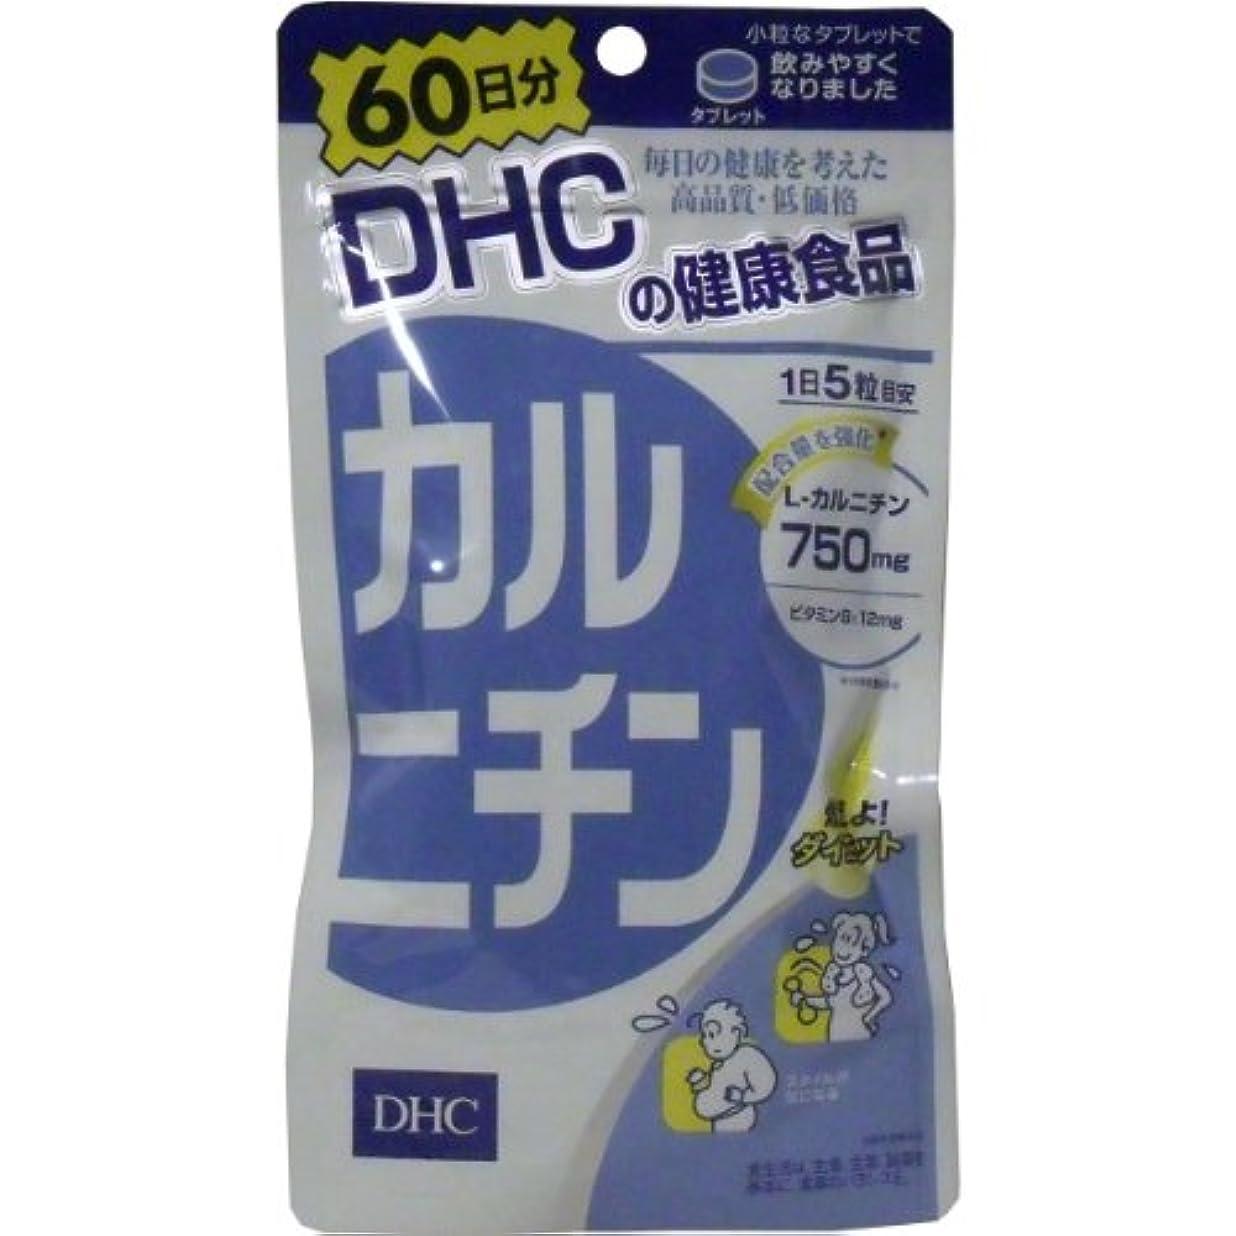 遺産改修する明確にDHC カルニチン 300粒 60日分 (商品内訳:単品1個)